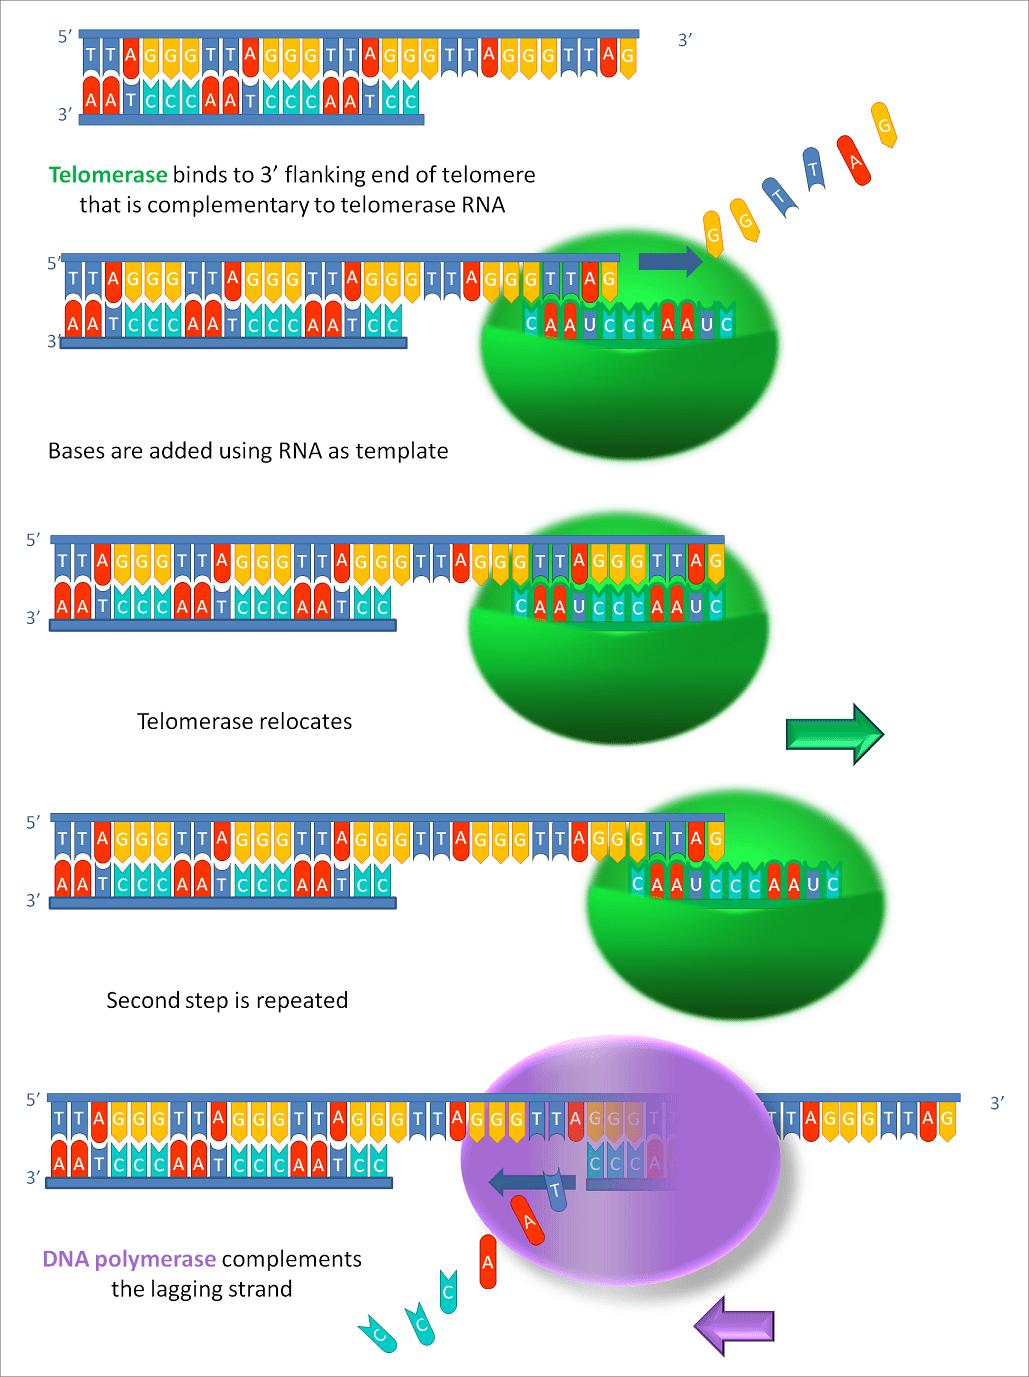 Механизм удлинения теломер в результате активности теломеразы